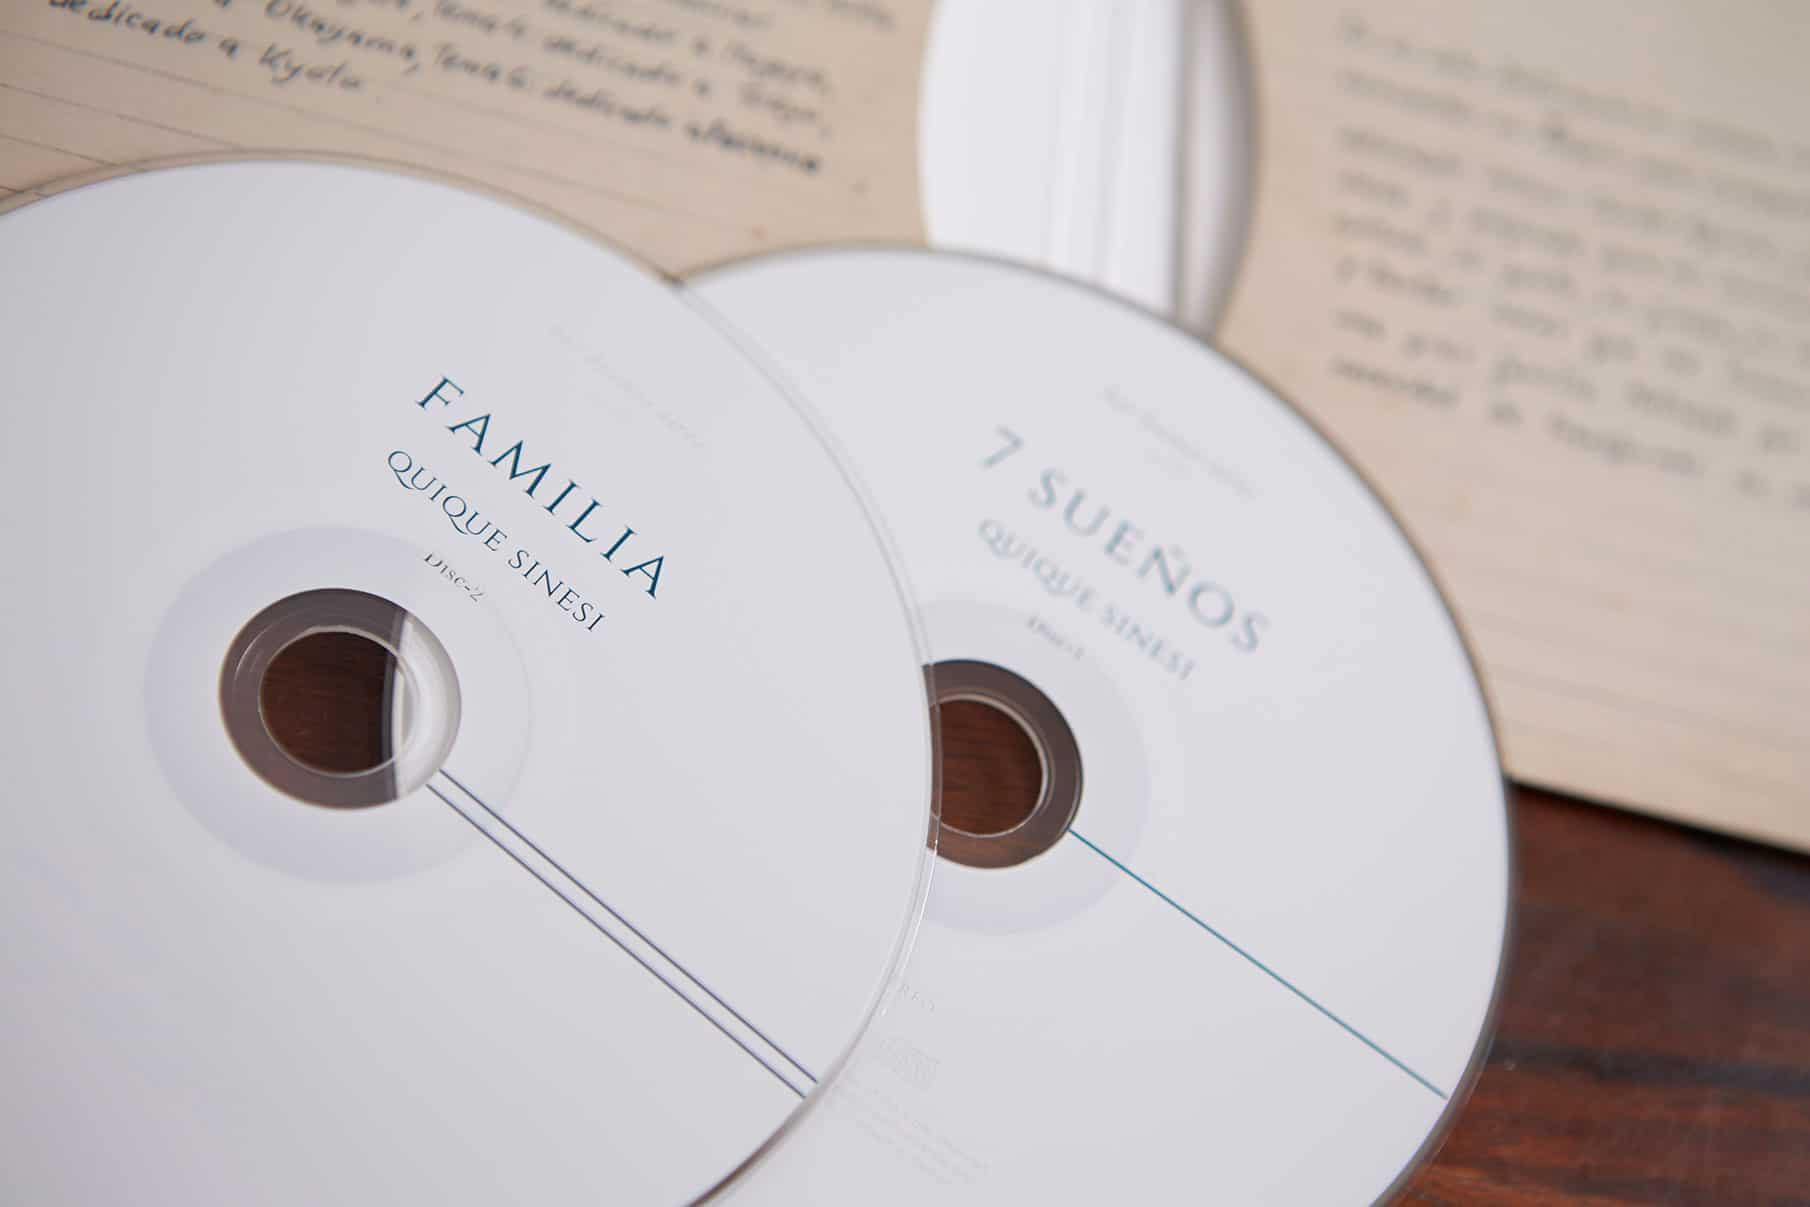 7 Suenos + Familia / Quique Sinesi - CD Cover 4